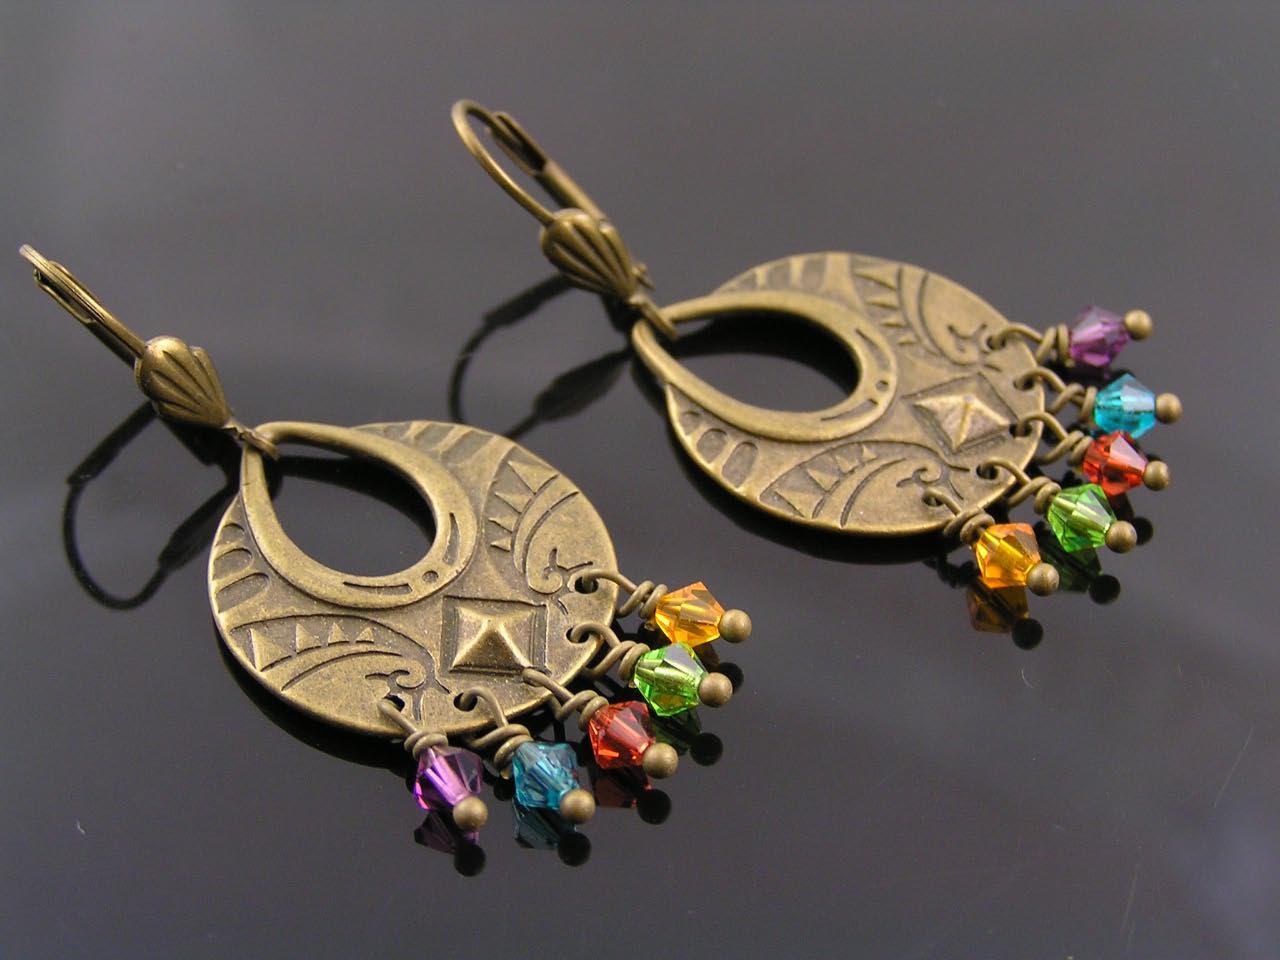 Chrystal Chandelier Earrings